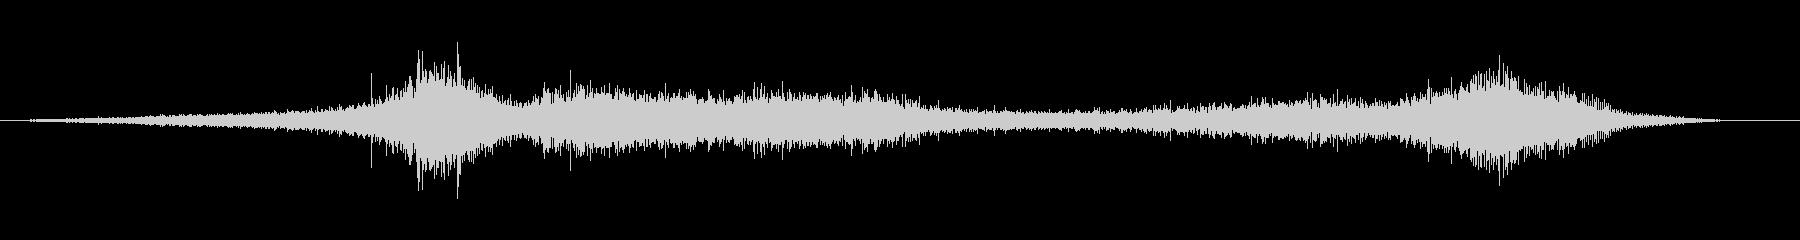 【生録音】 早朝の街 交通 環境音 17の未再生の波形